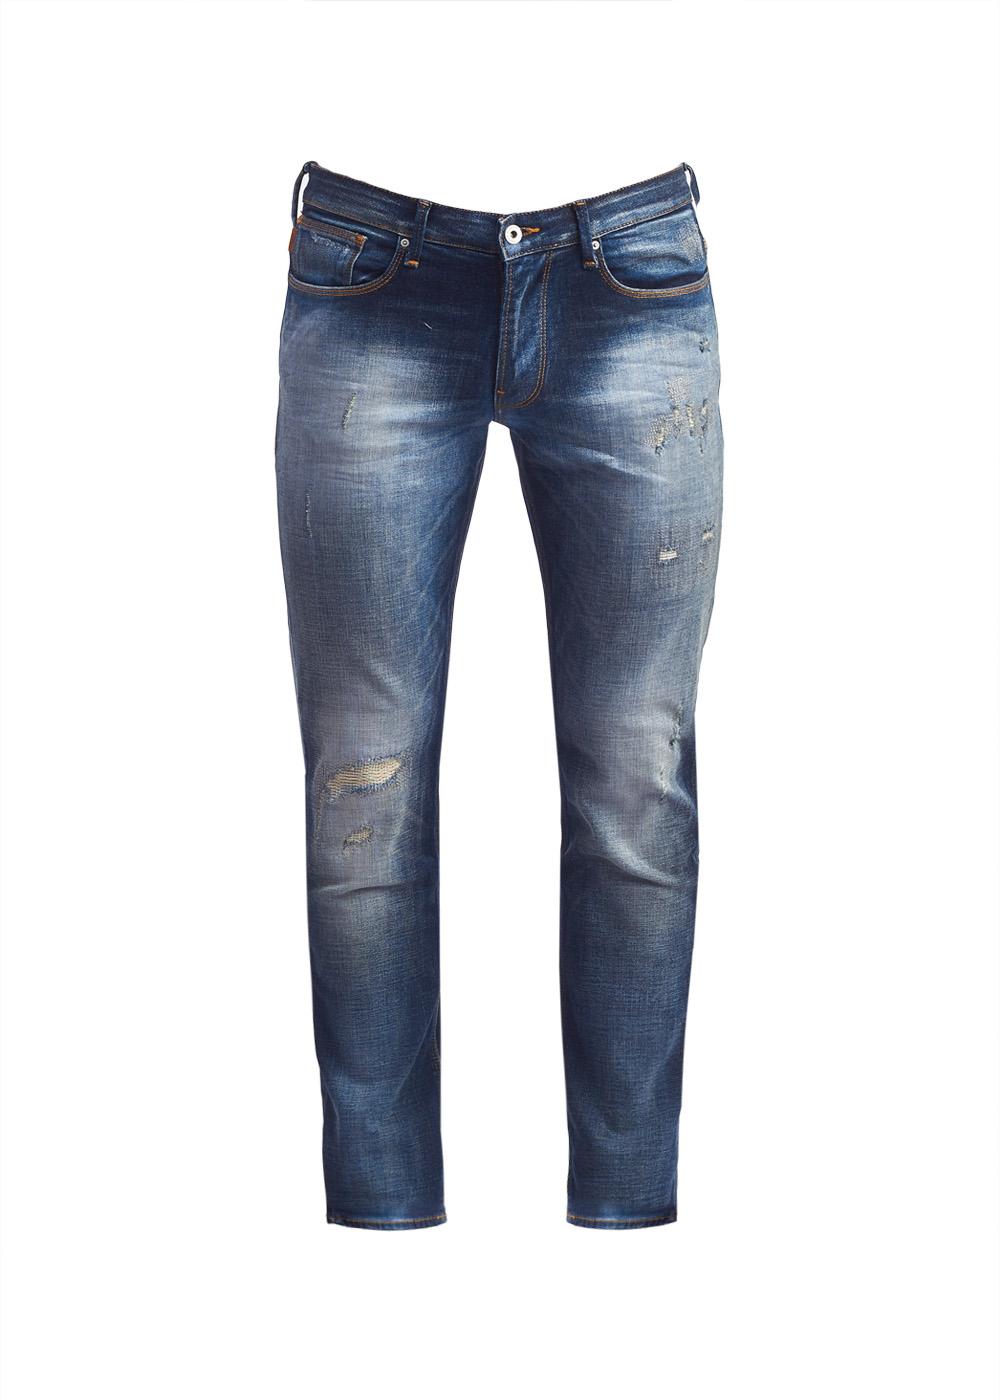 Купить со скидкой Emporio Armani джинсы